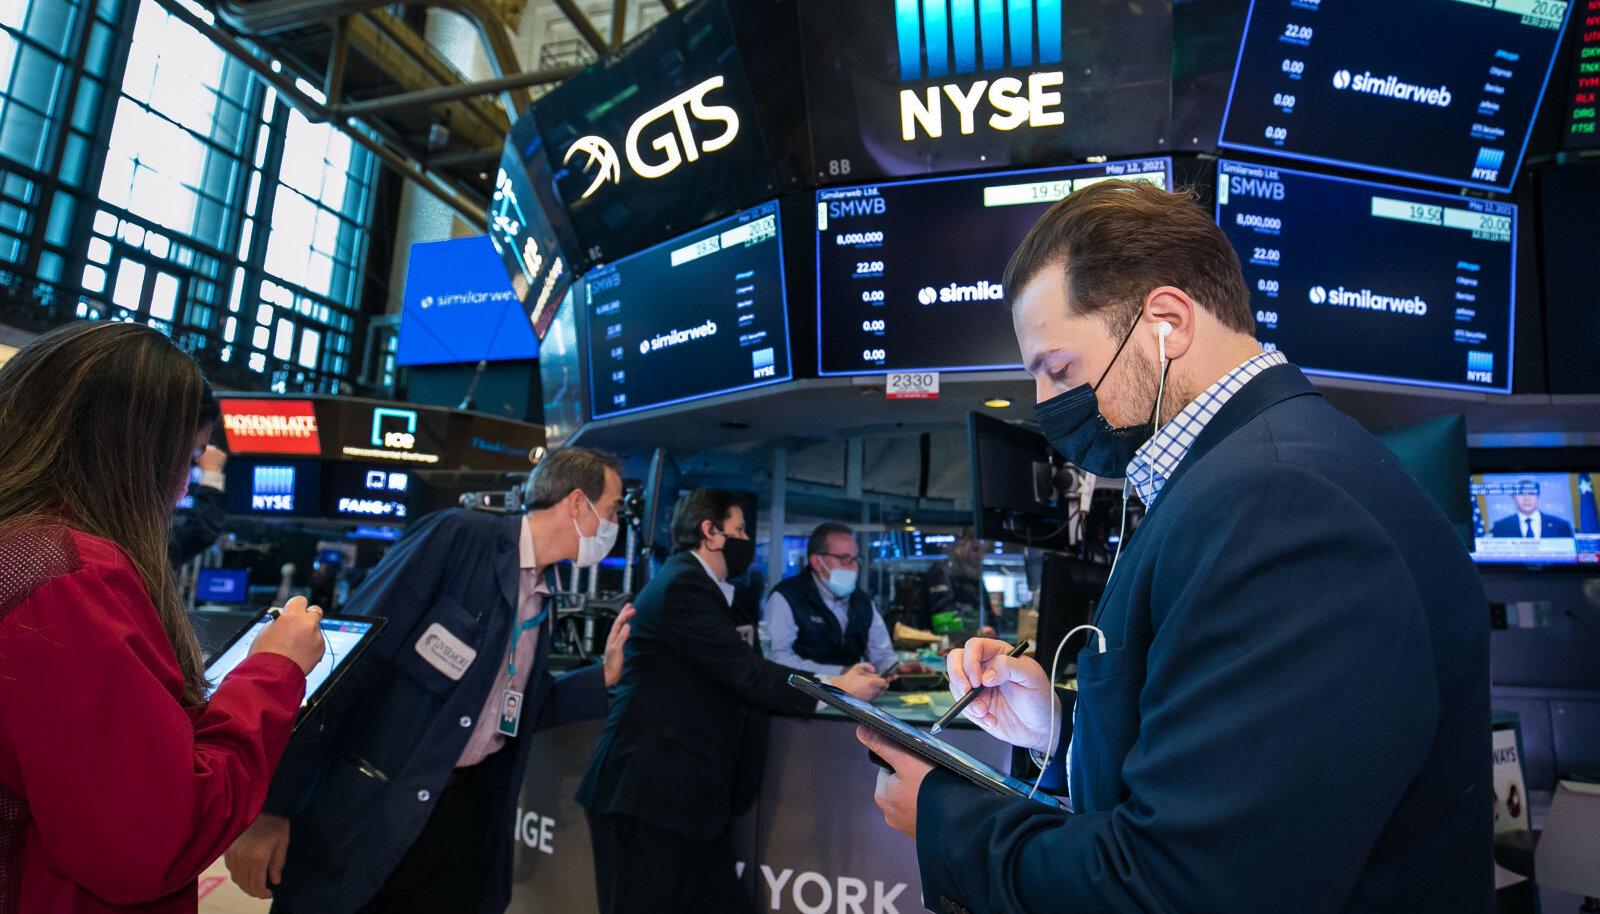 Inflatsioon varjutas eilset börsipäeva New Yorgi börsil